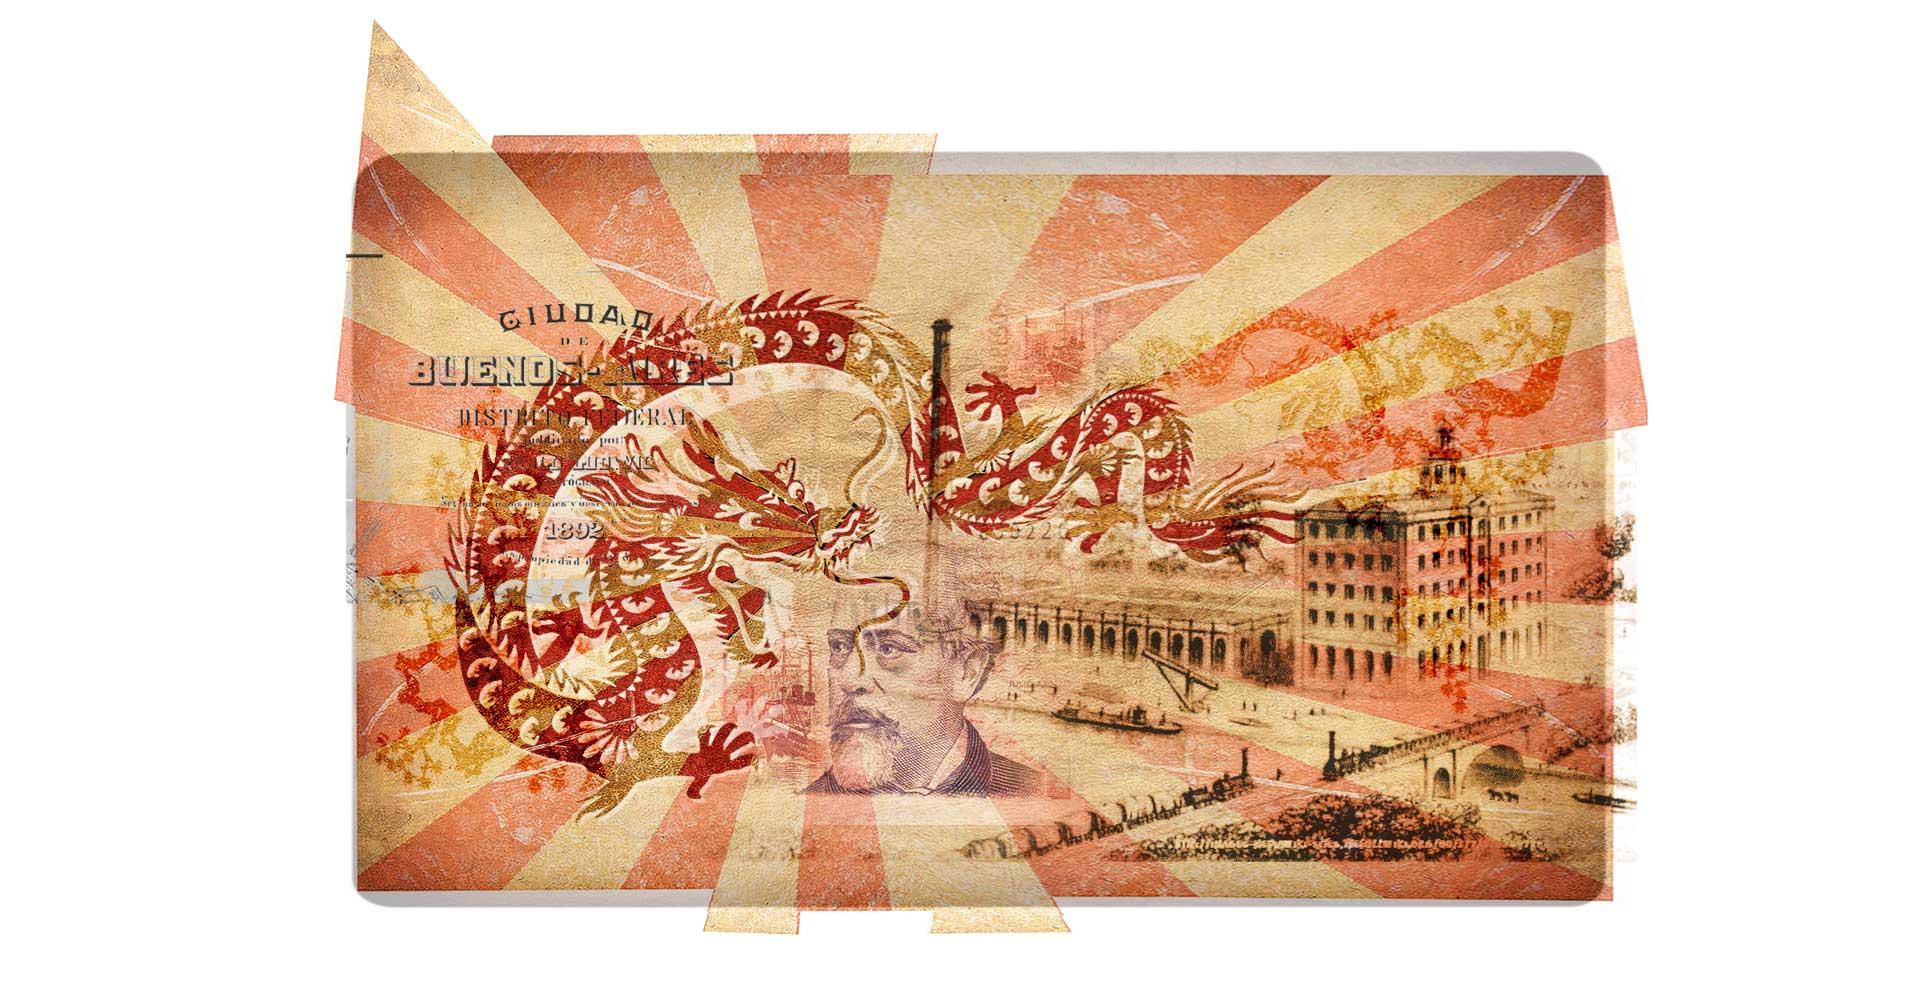 banqueros_chinos_m_franco_3_caja